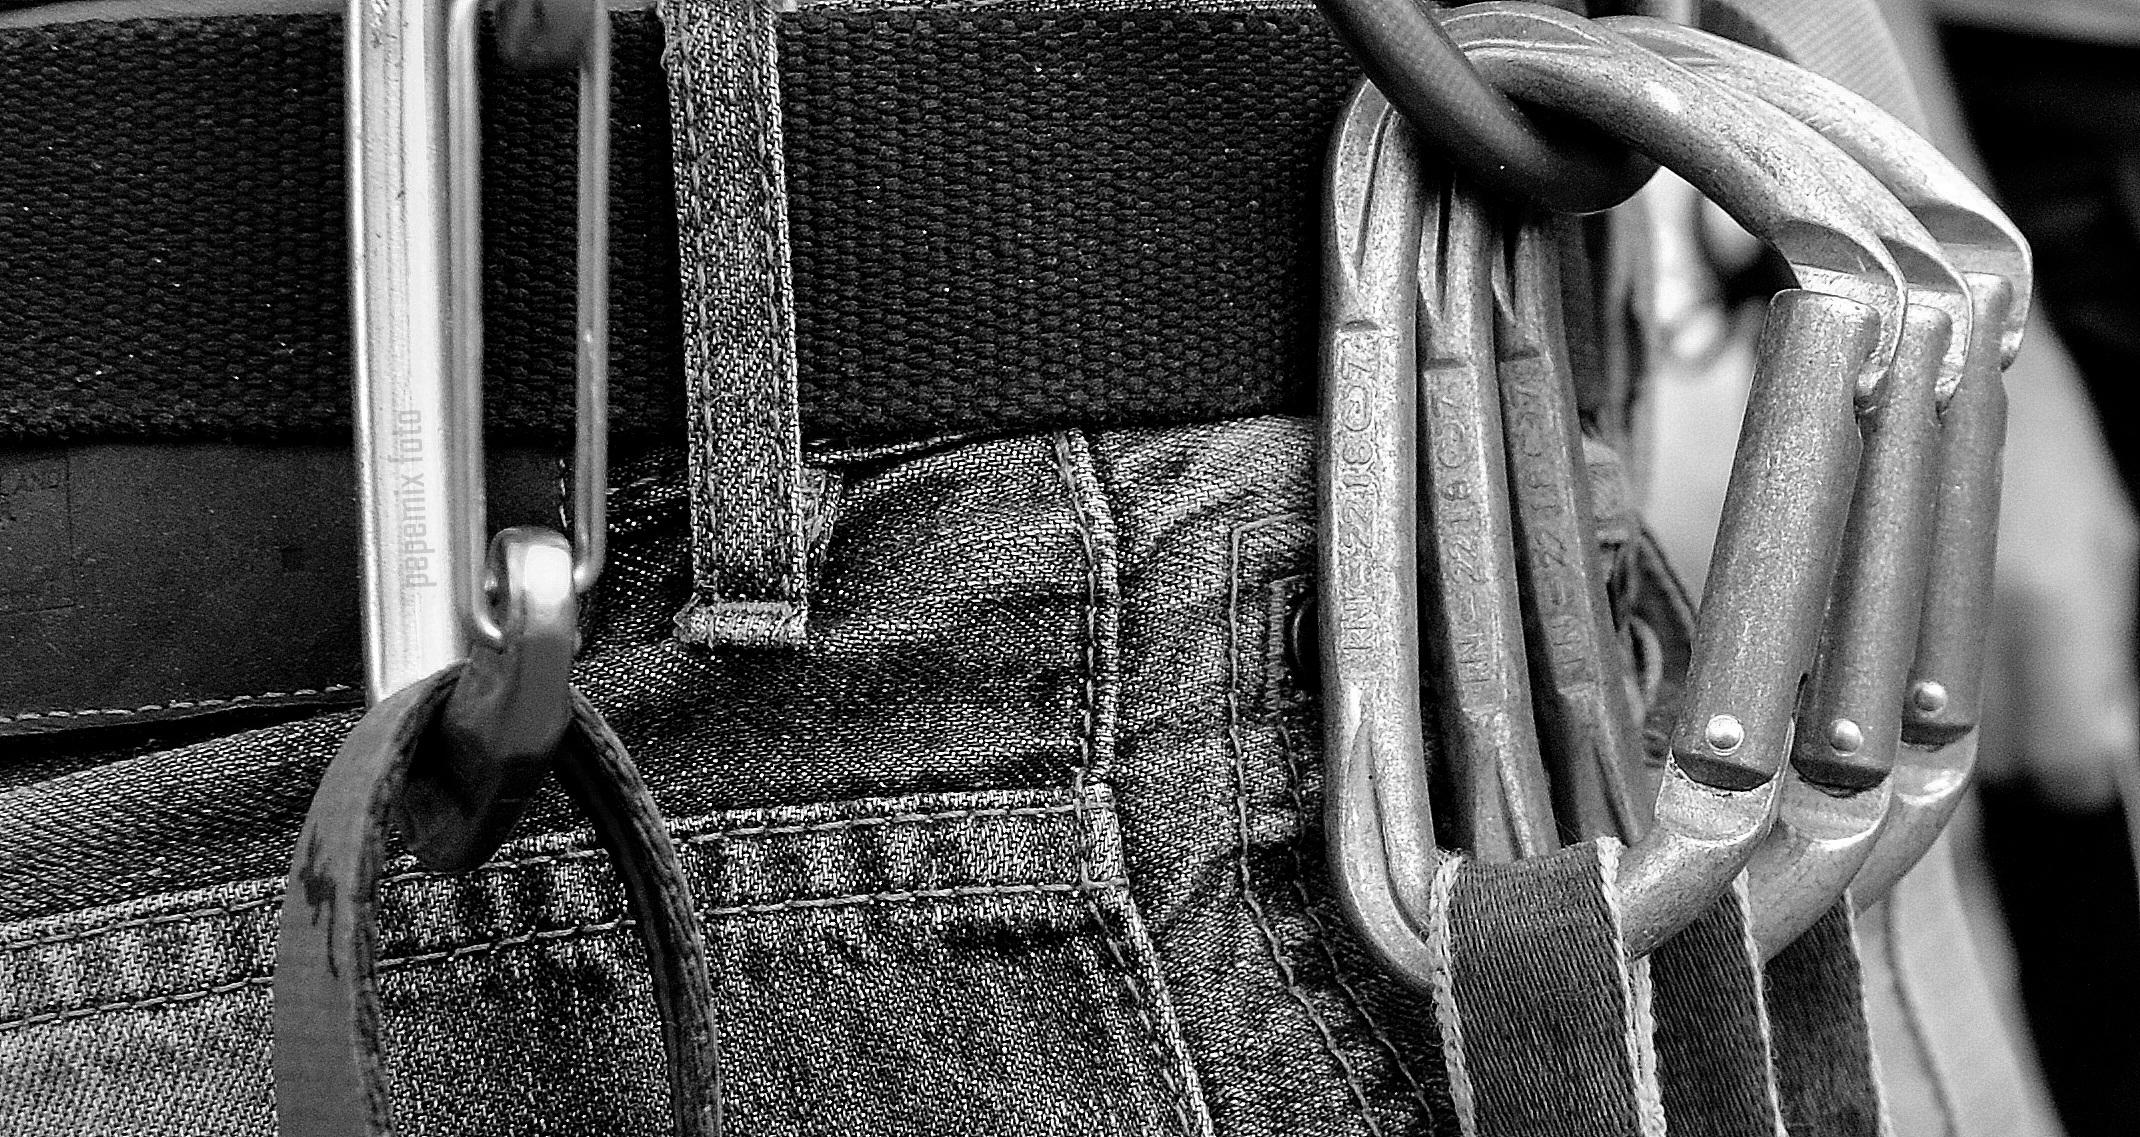 Gambar Hitam Dan Putih Hiking Olahraga Petualangan Jeans